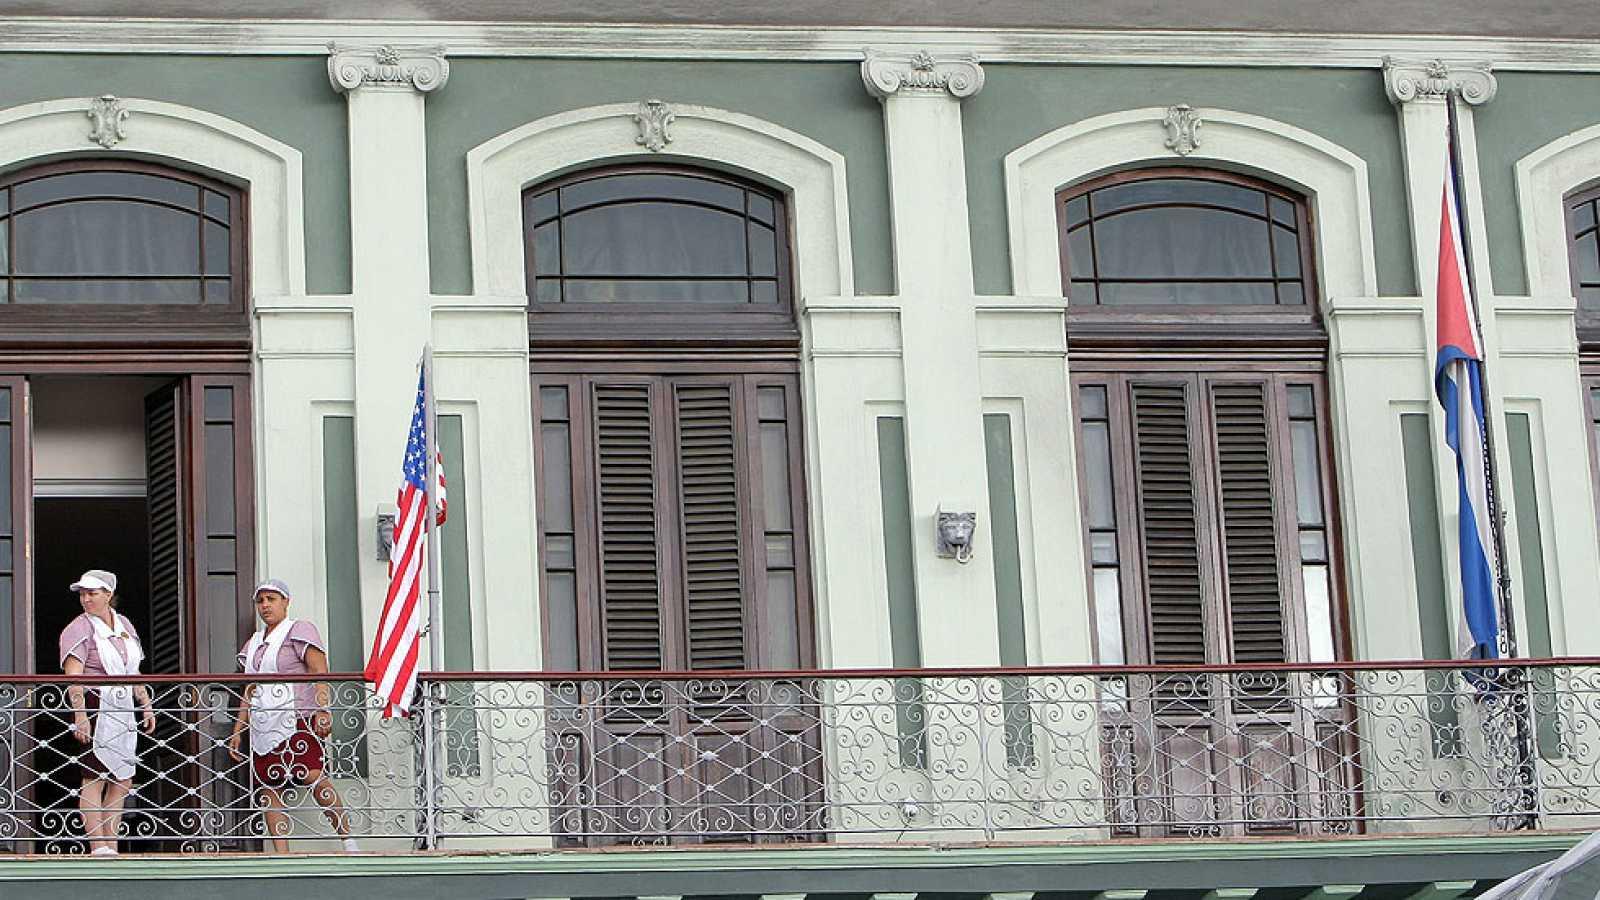 Empresarios americanos toman posiciones para hacer negocios en Cuba